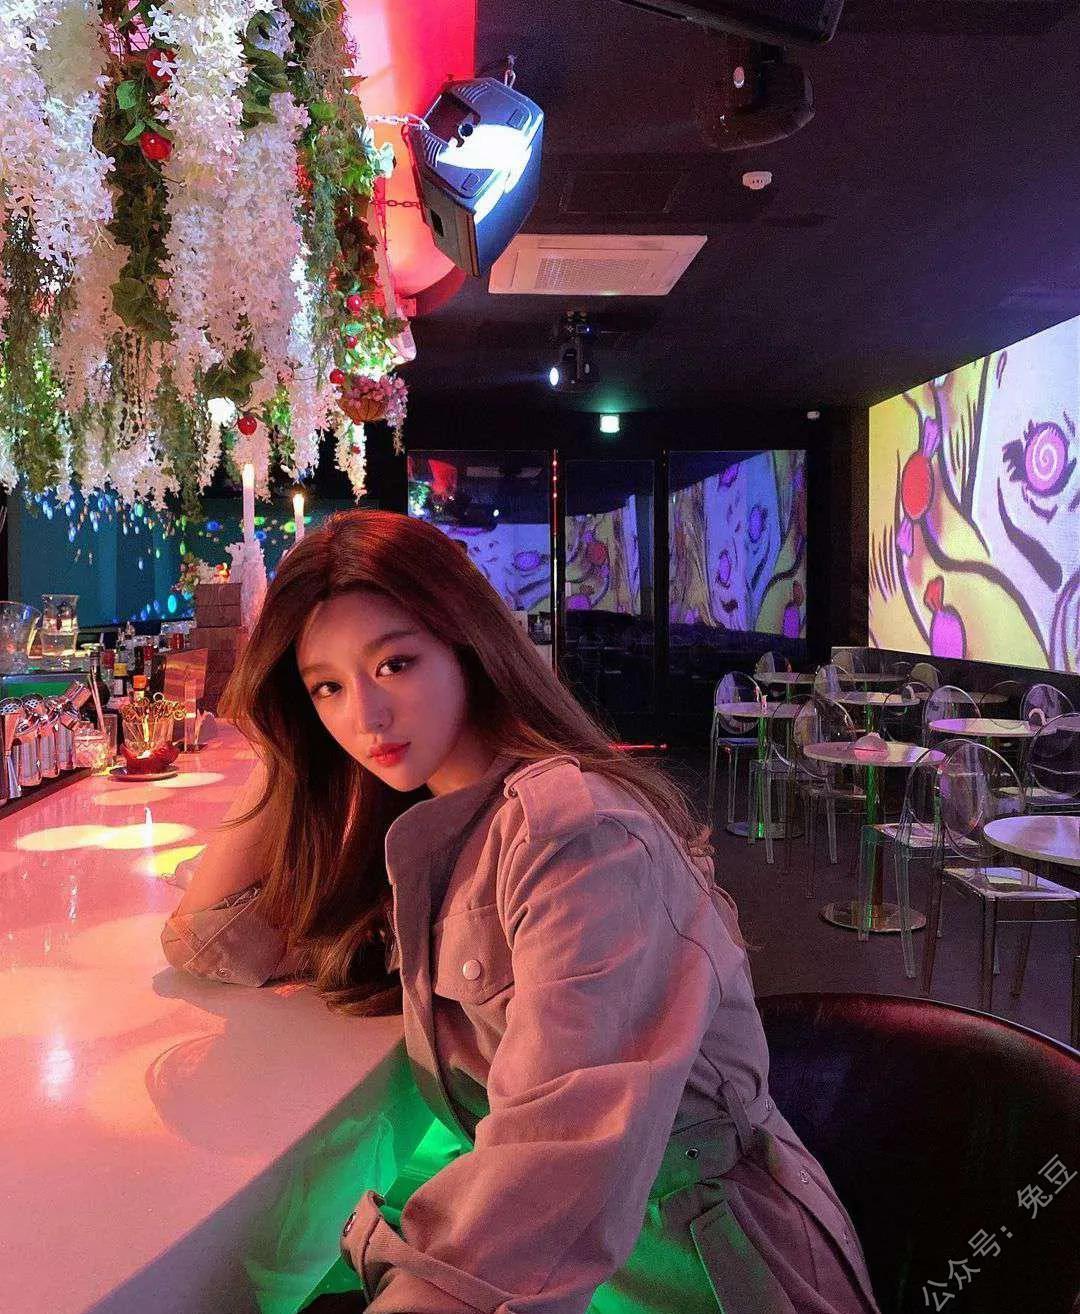 酒吧有个韩国美女看上我了